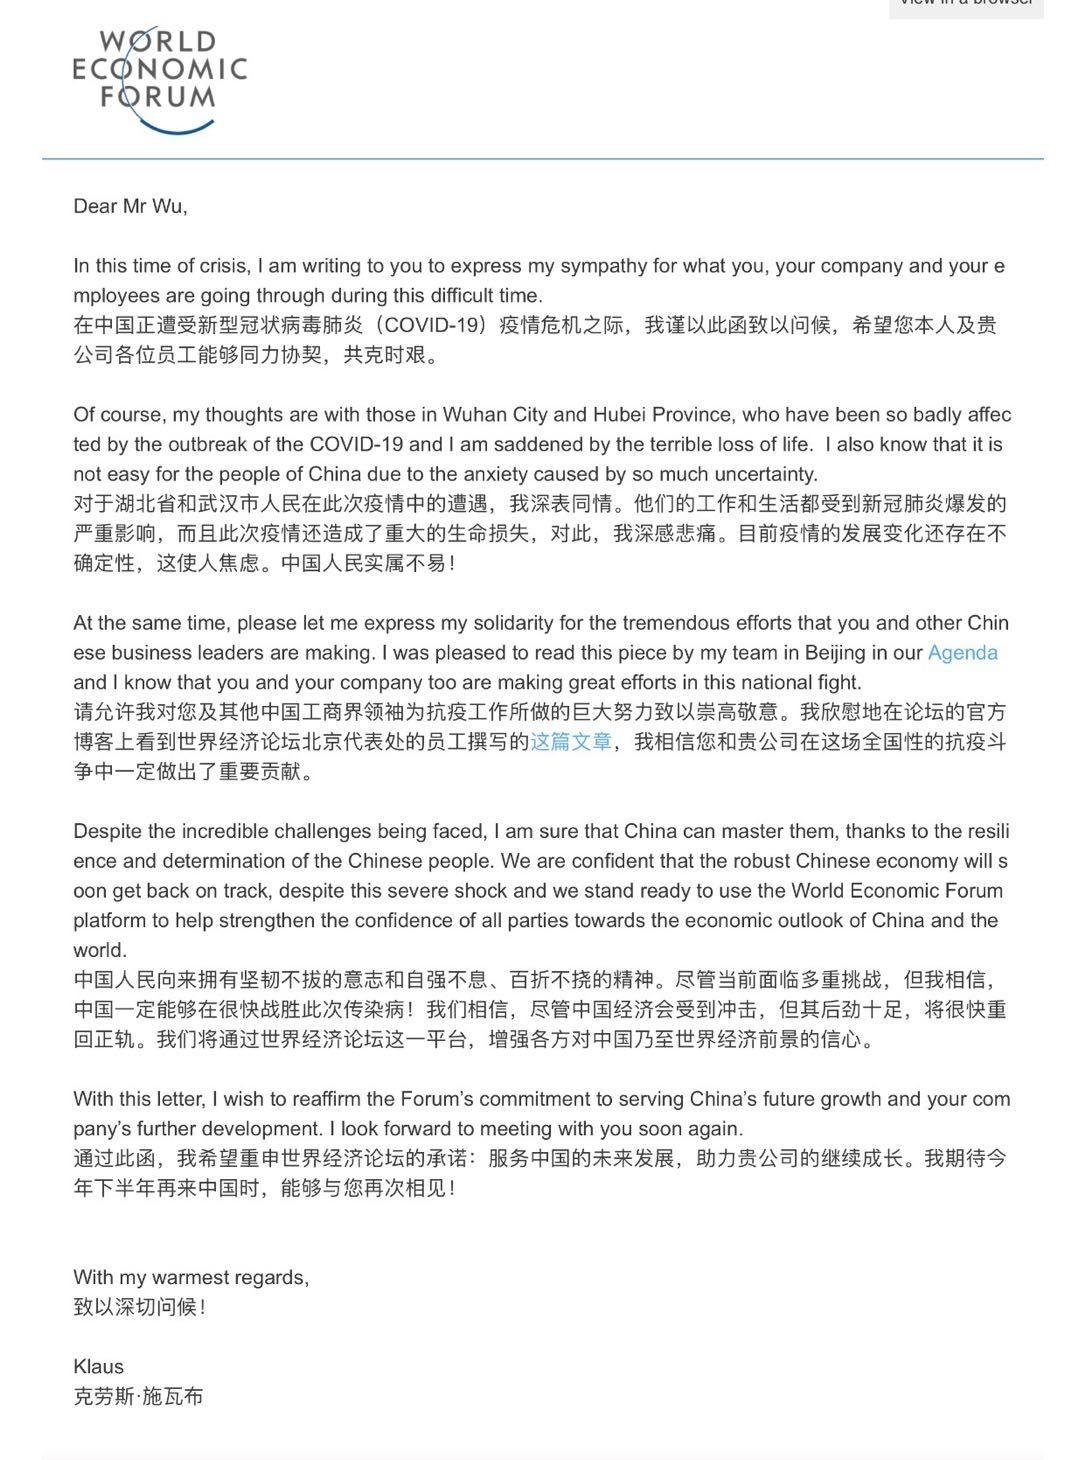 世界经济论坛主席施瓦布问候中国民营企业家:战胜疫情 重振经济